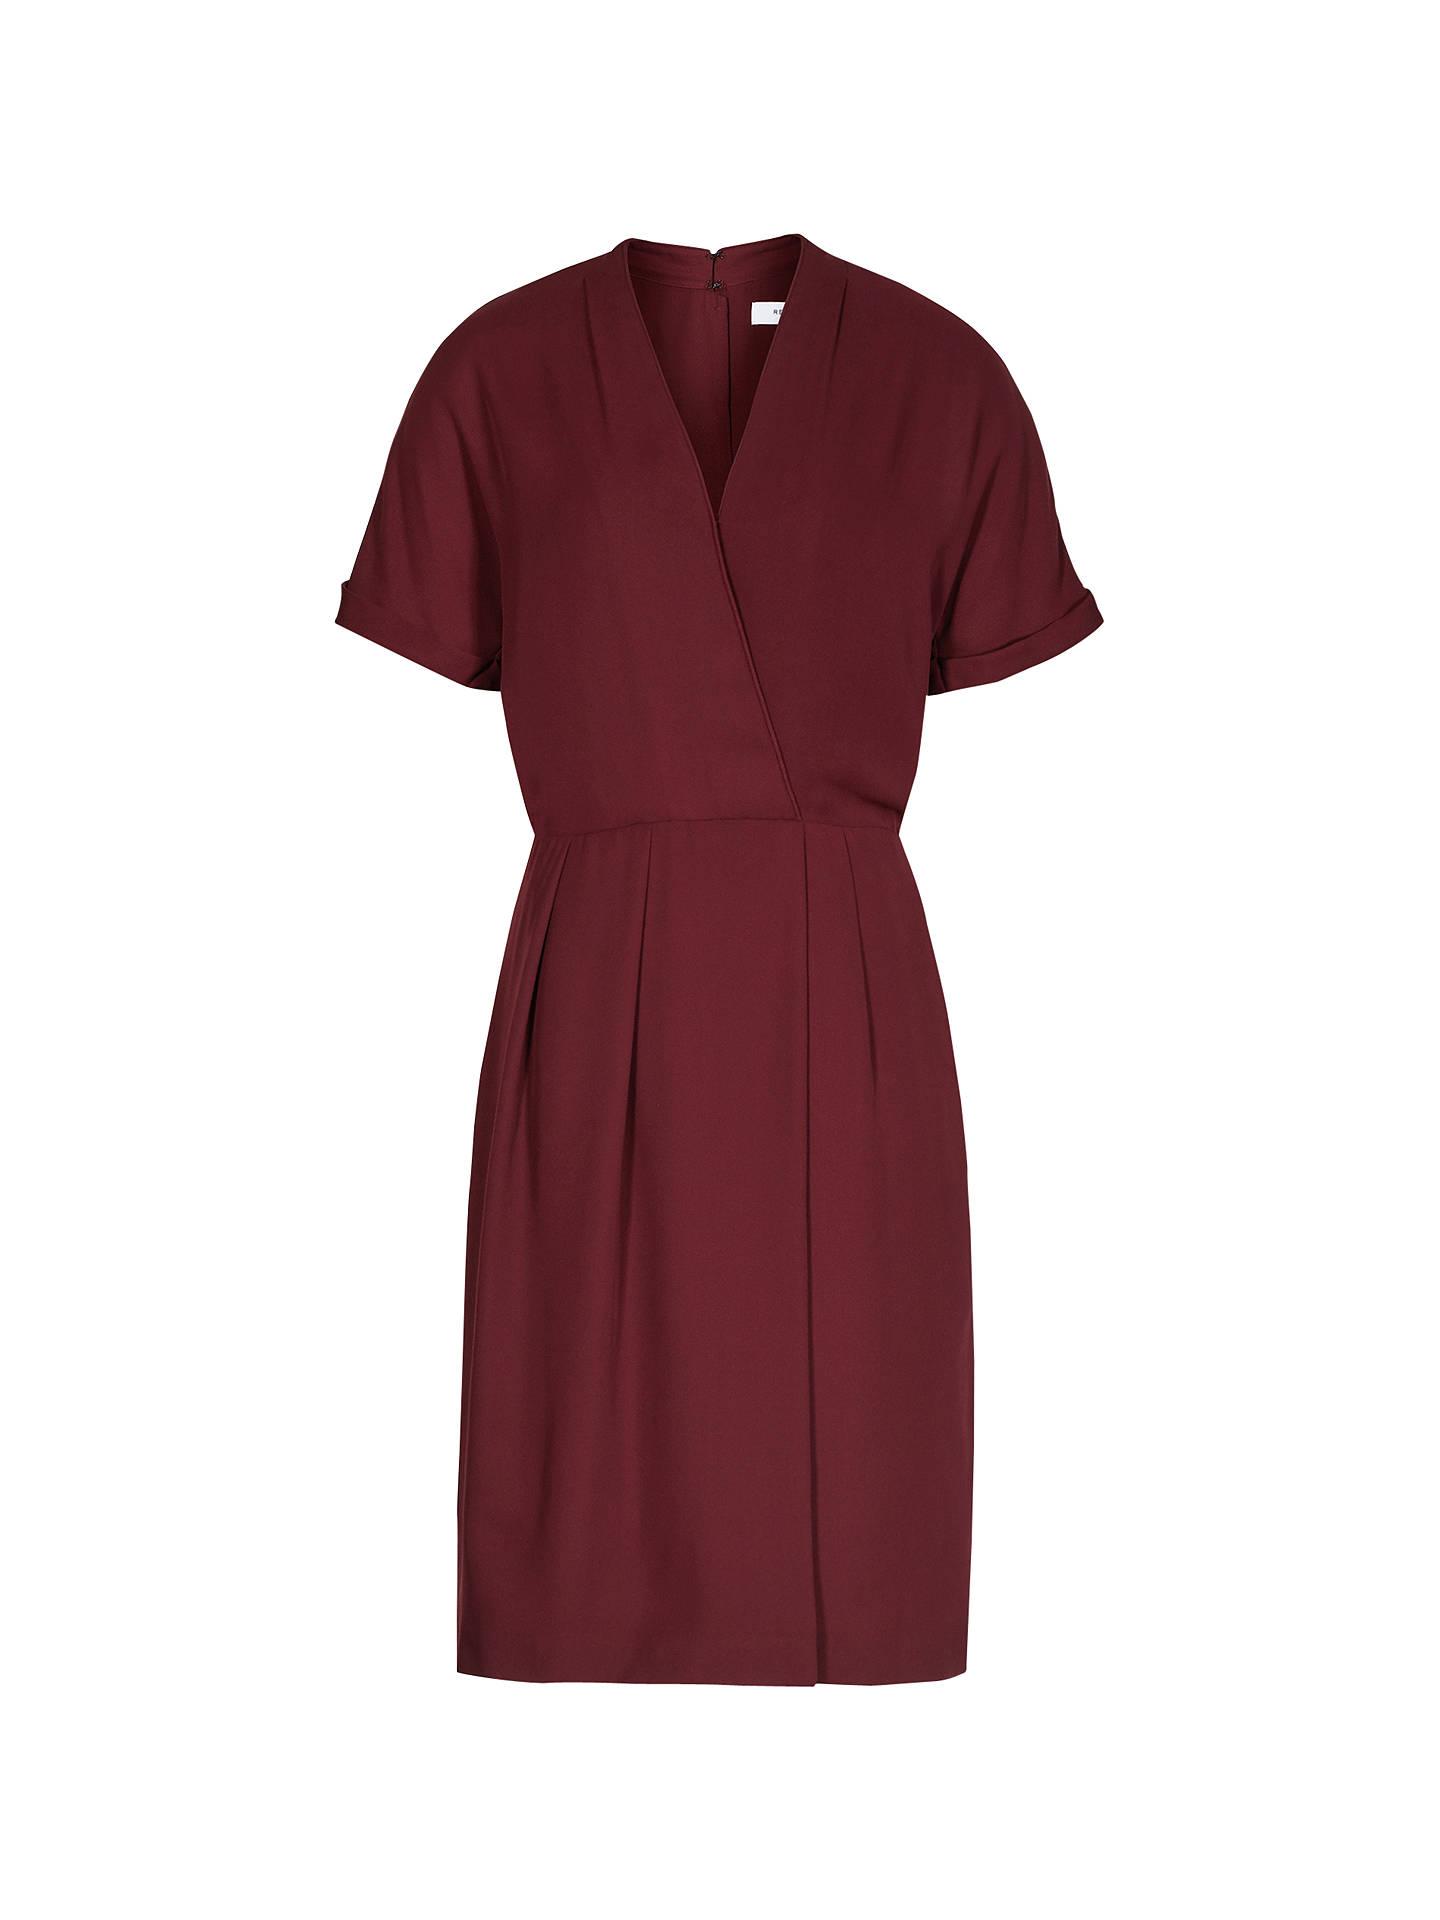 Reiss Camden Wrap Dress, Juniper at John Lewis & Partners